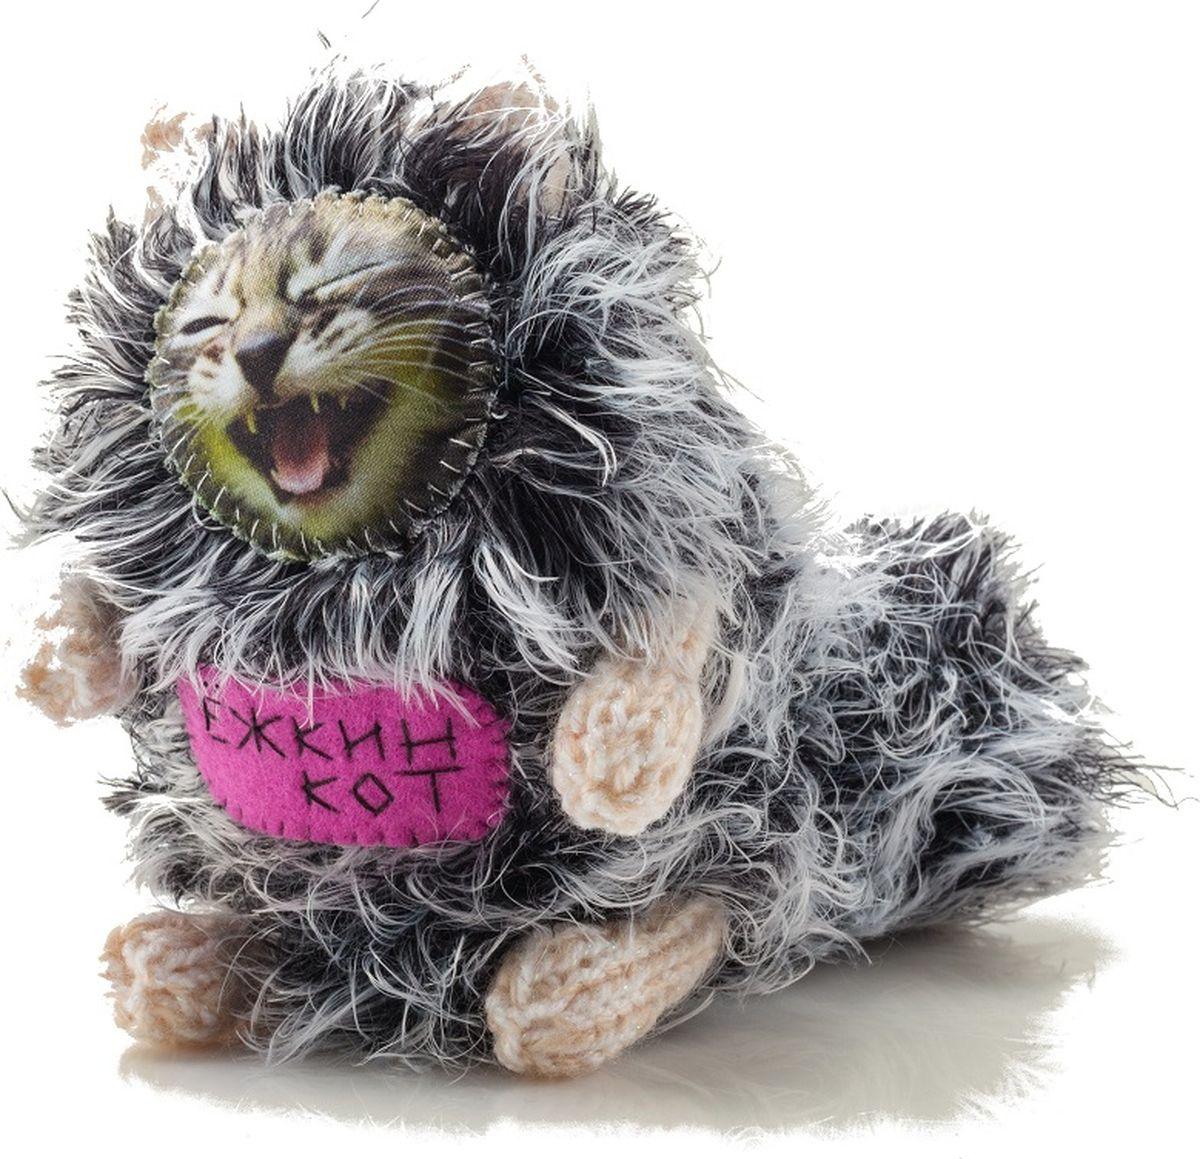 Мягкая игрушка Бюро находок  Котик. Ежкин кот , цвет: серный - Мягкие игрушки